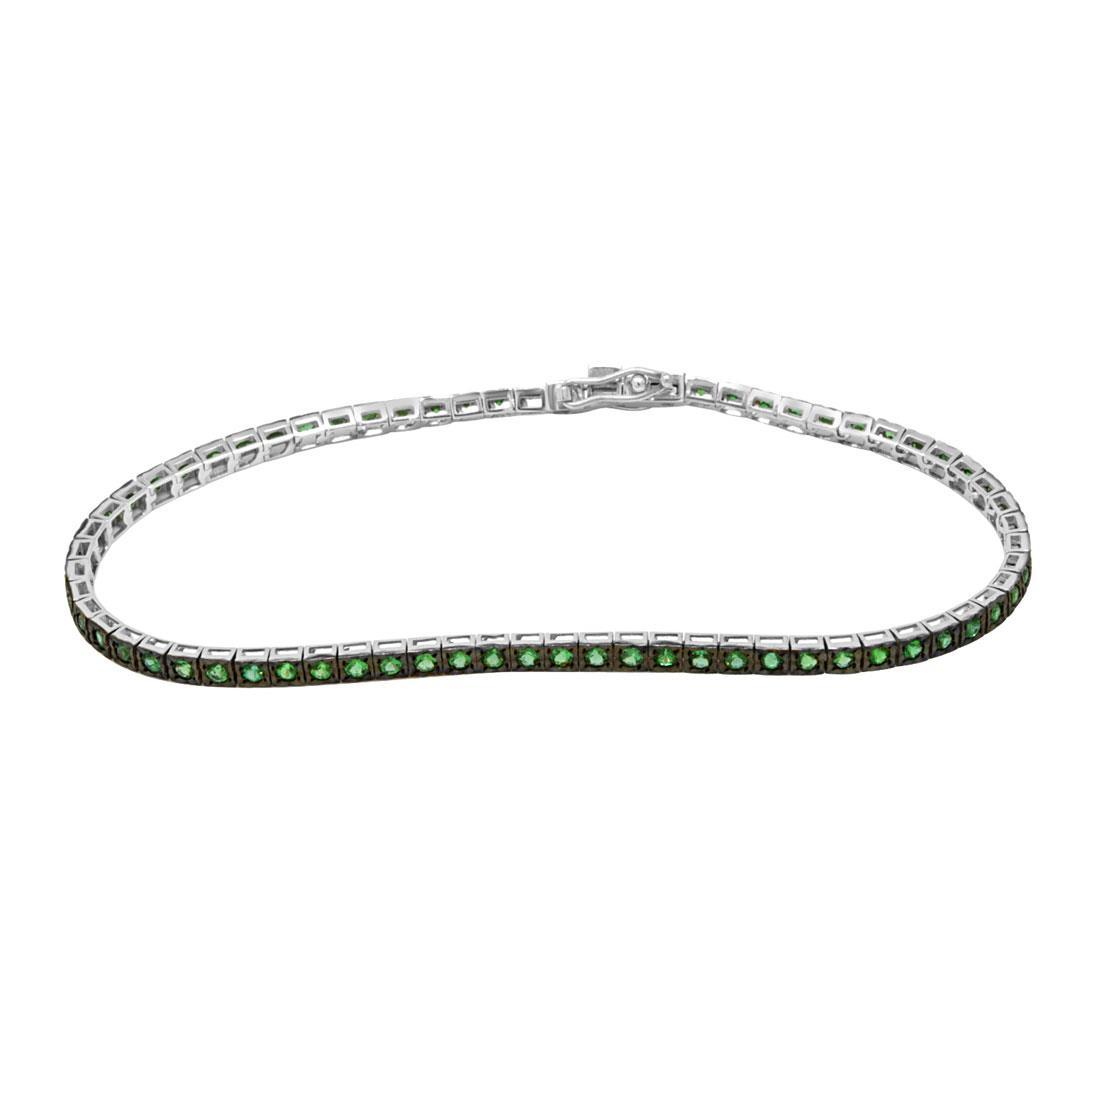 Bracciale tennis in oro bianco con smeraldi ct 1.20 - ALFIERI ST JOHN